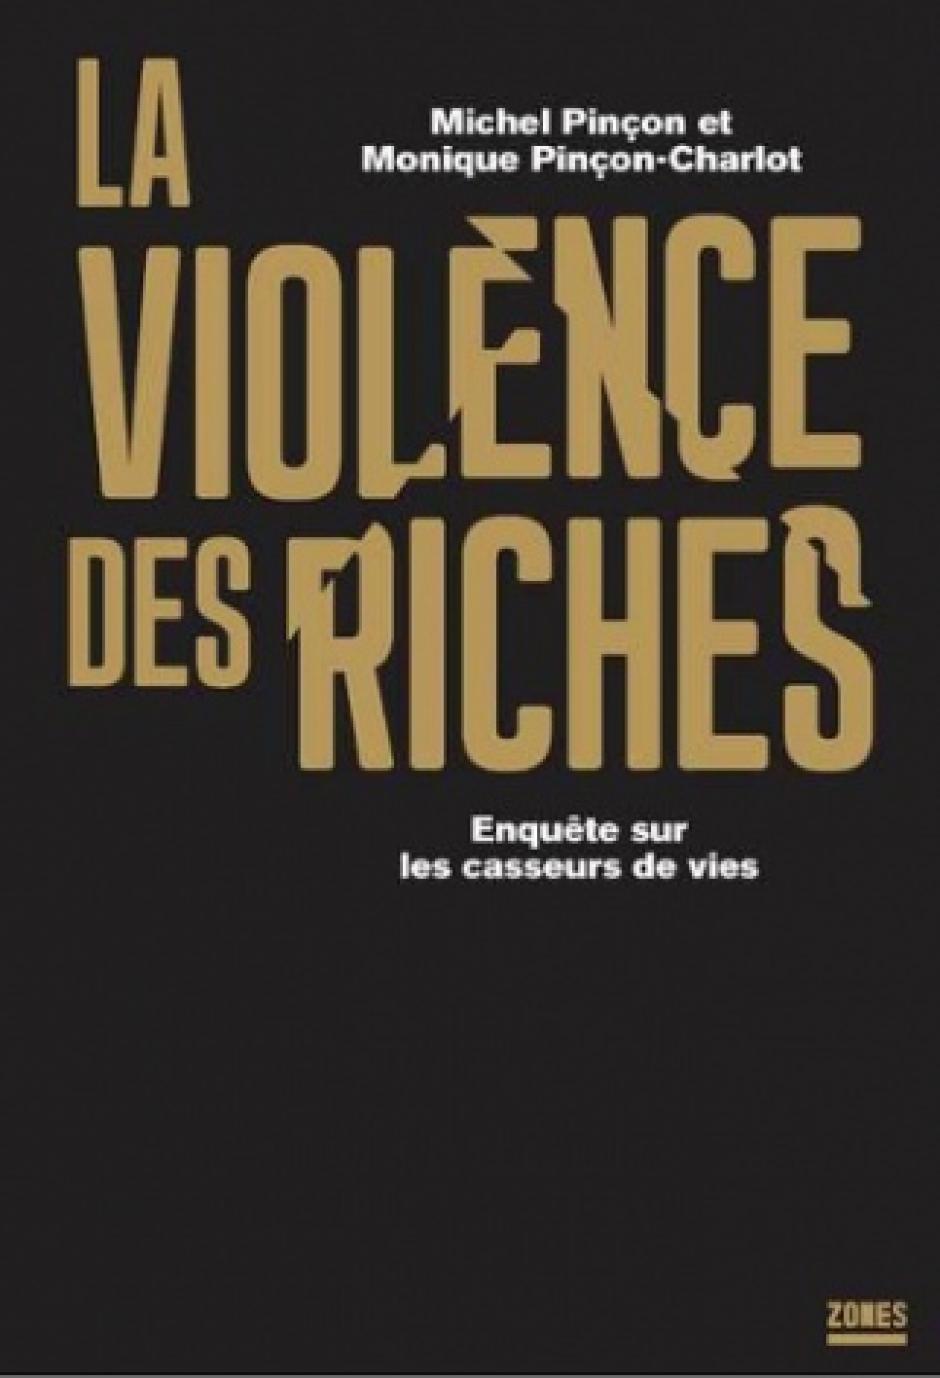 Conférence débat de Monique et Michel Pinçon Charlots 09/01/14